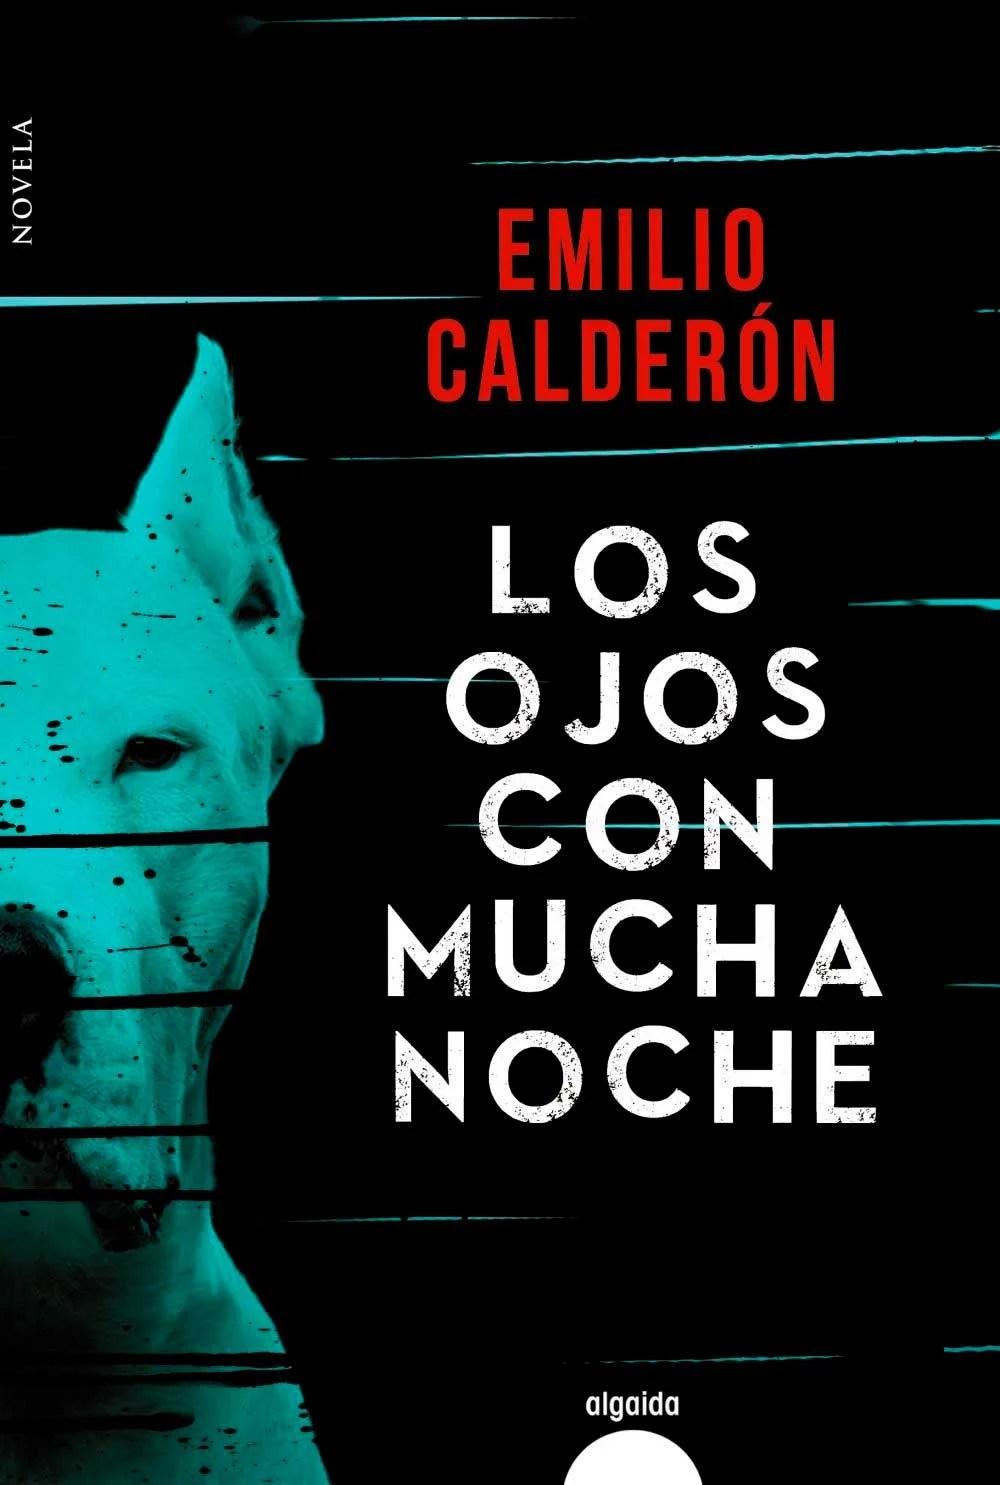 Emilio Calderón. Los ojos con mucha noche.